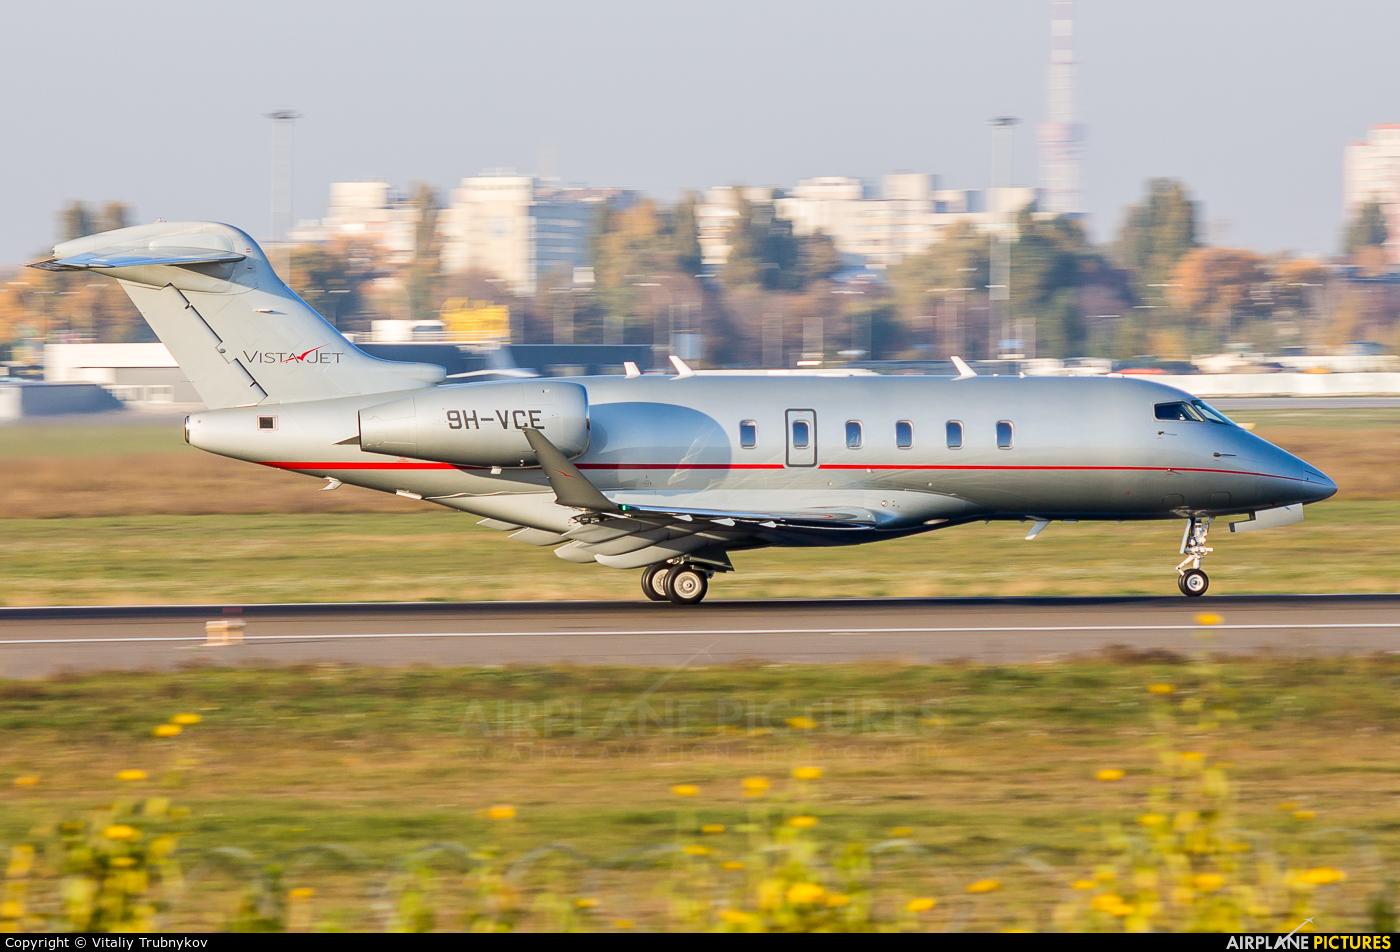 Vistajet 9H-VCE aircraft at Kiev - Zhulyany